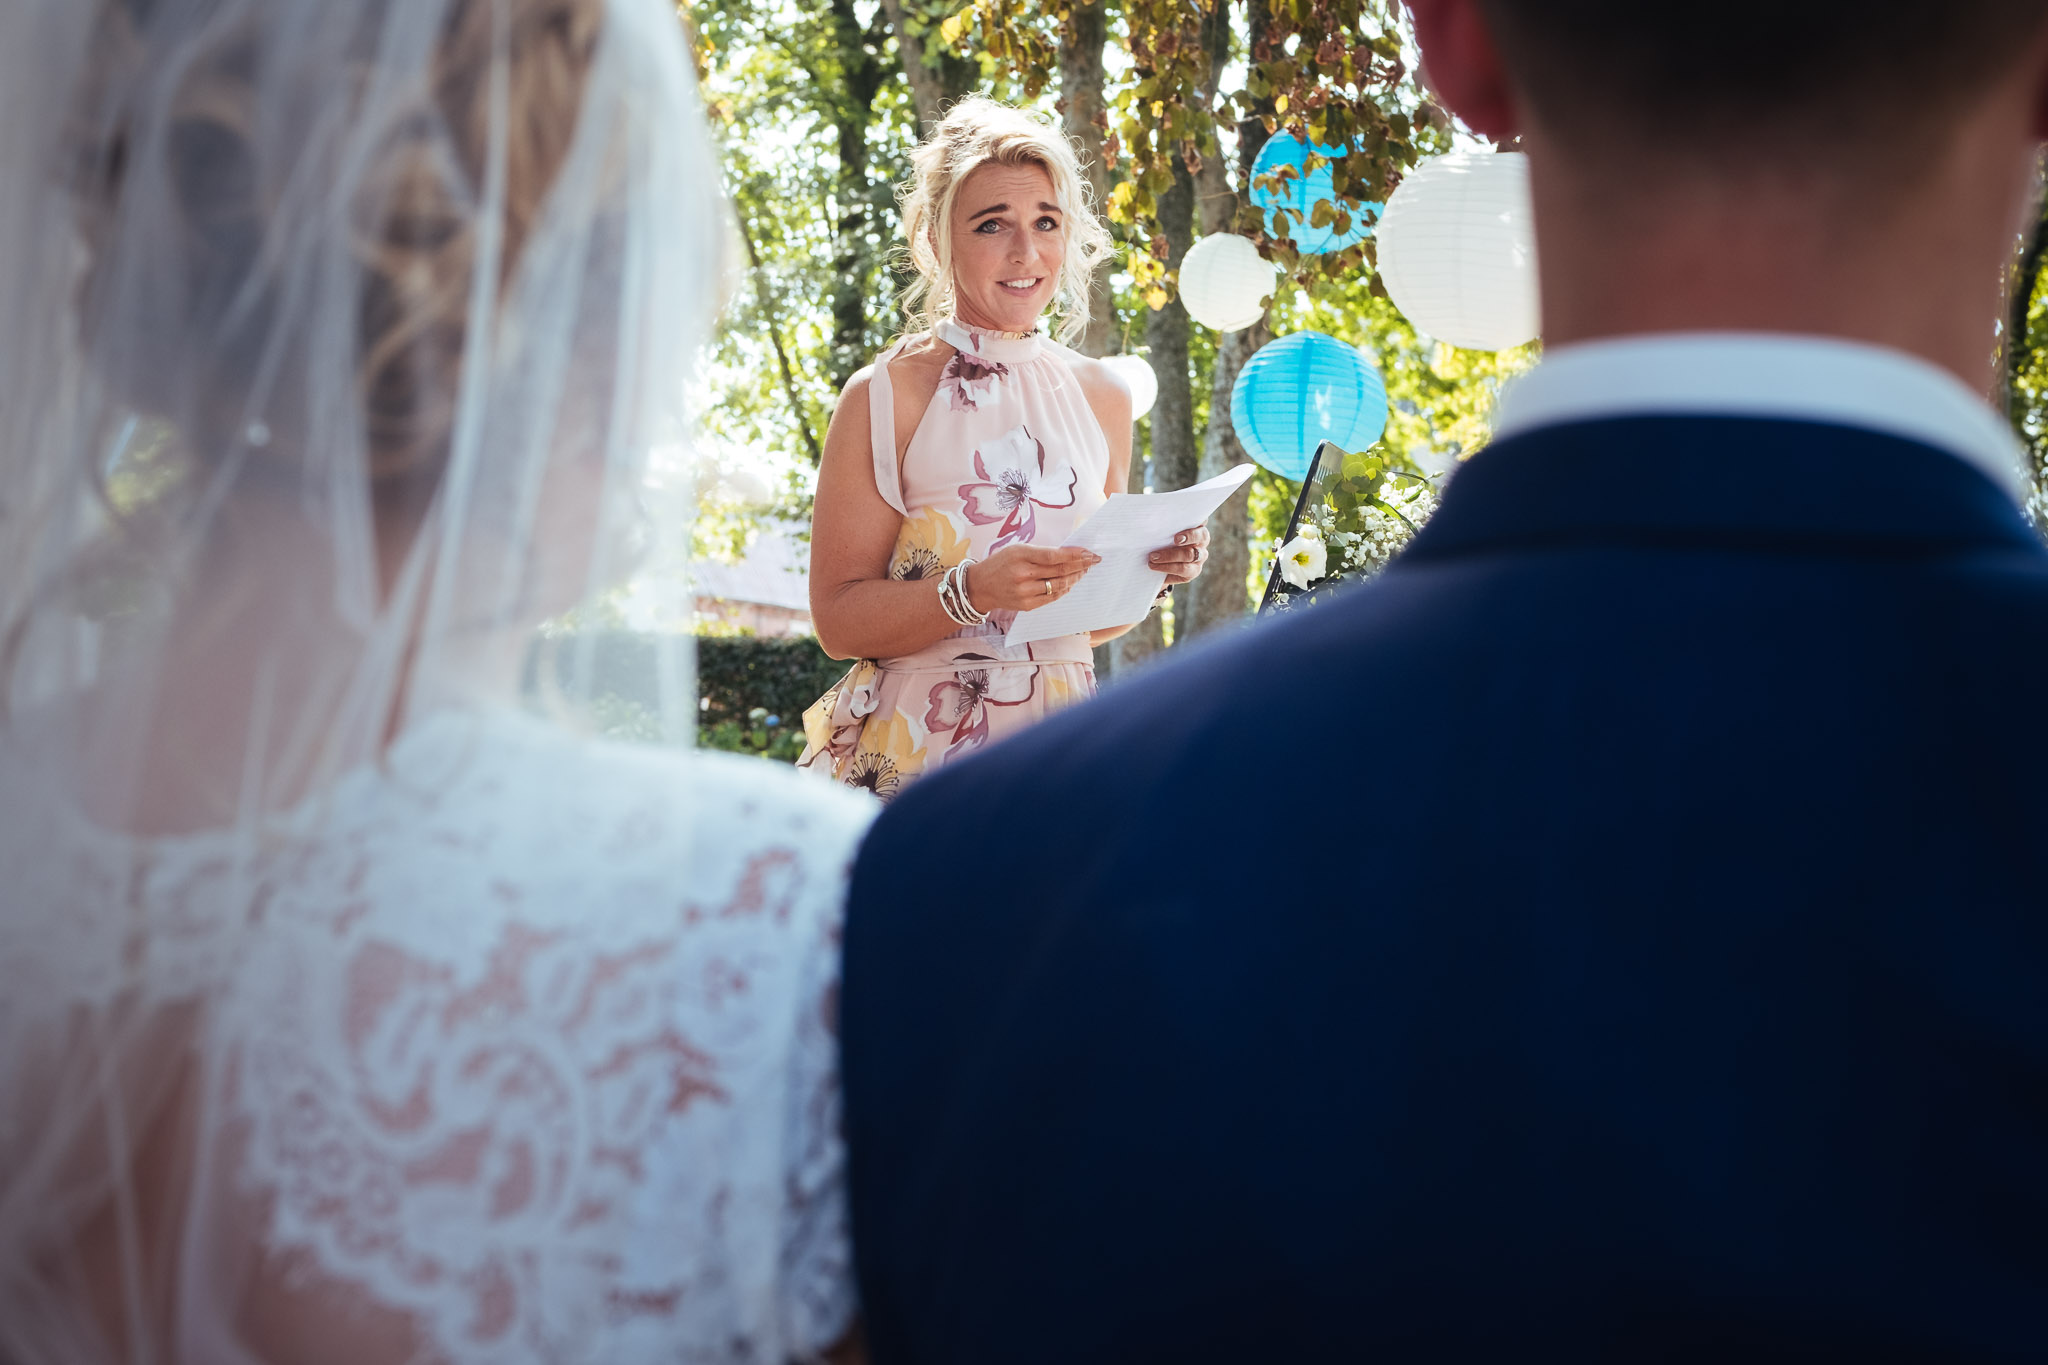 bruiloft amshoff kiel-windeweer groningen mirjam jan